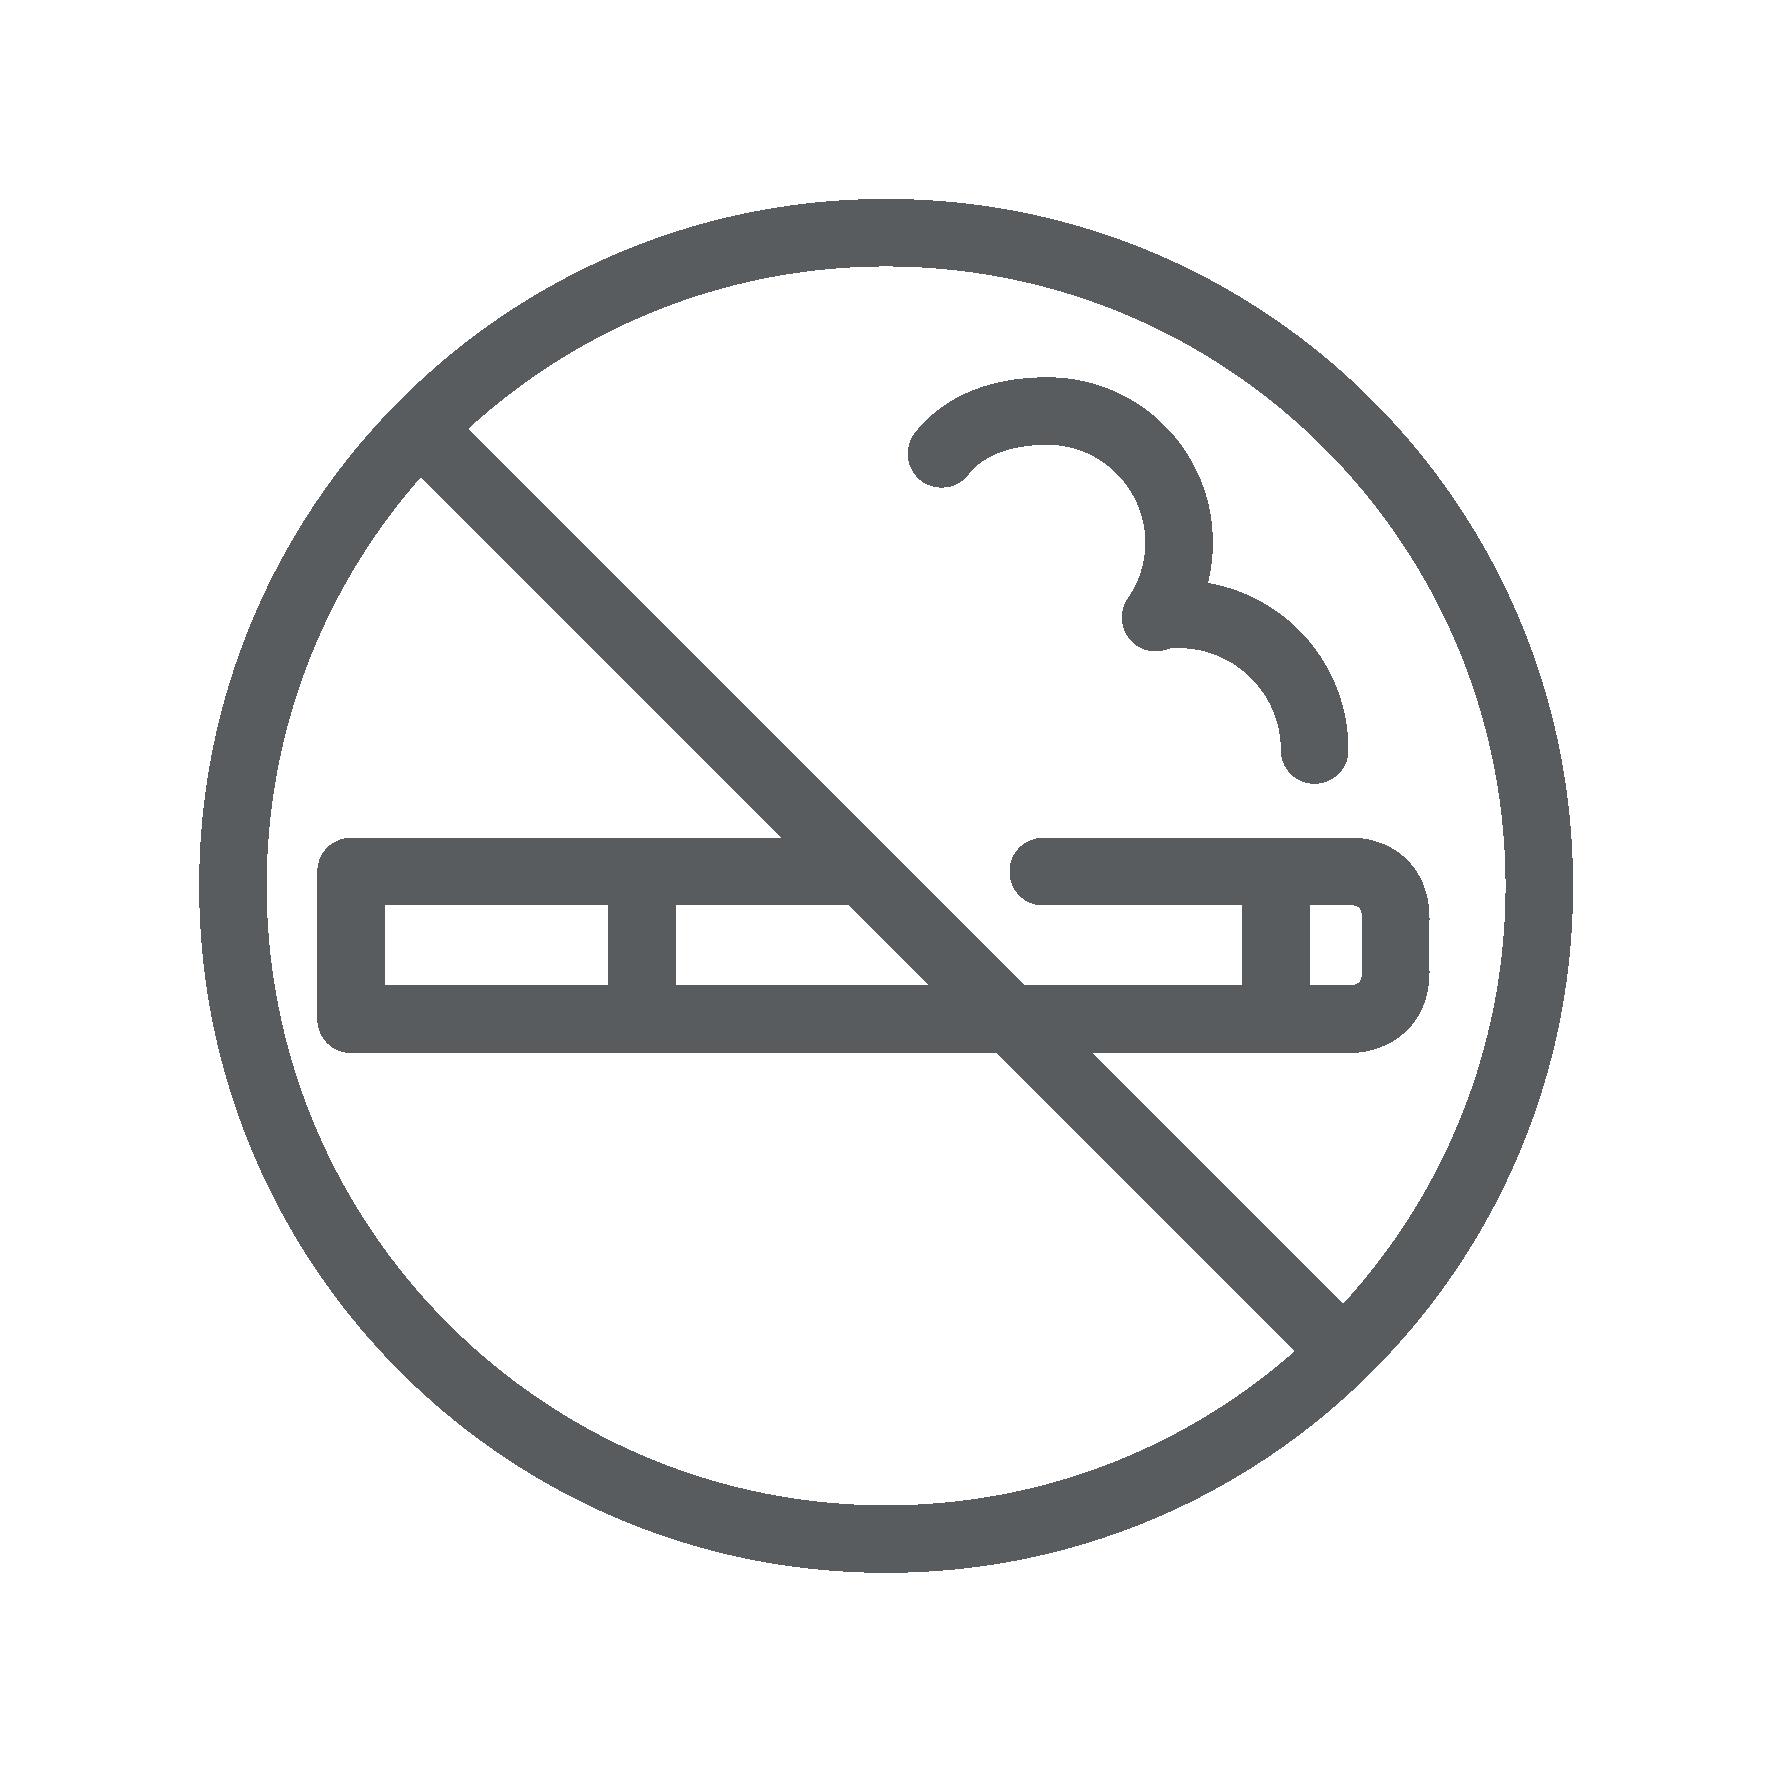 rauchennein_pict-01